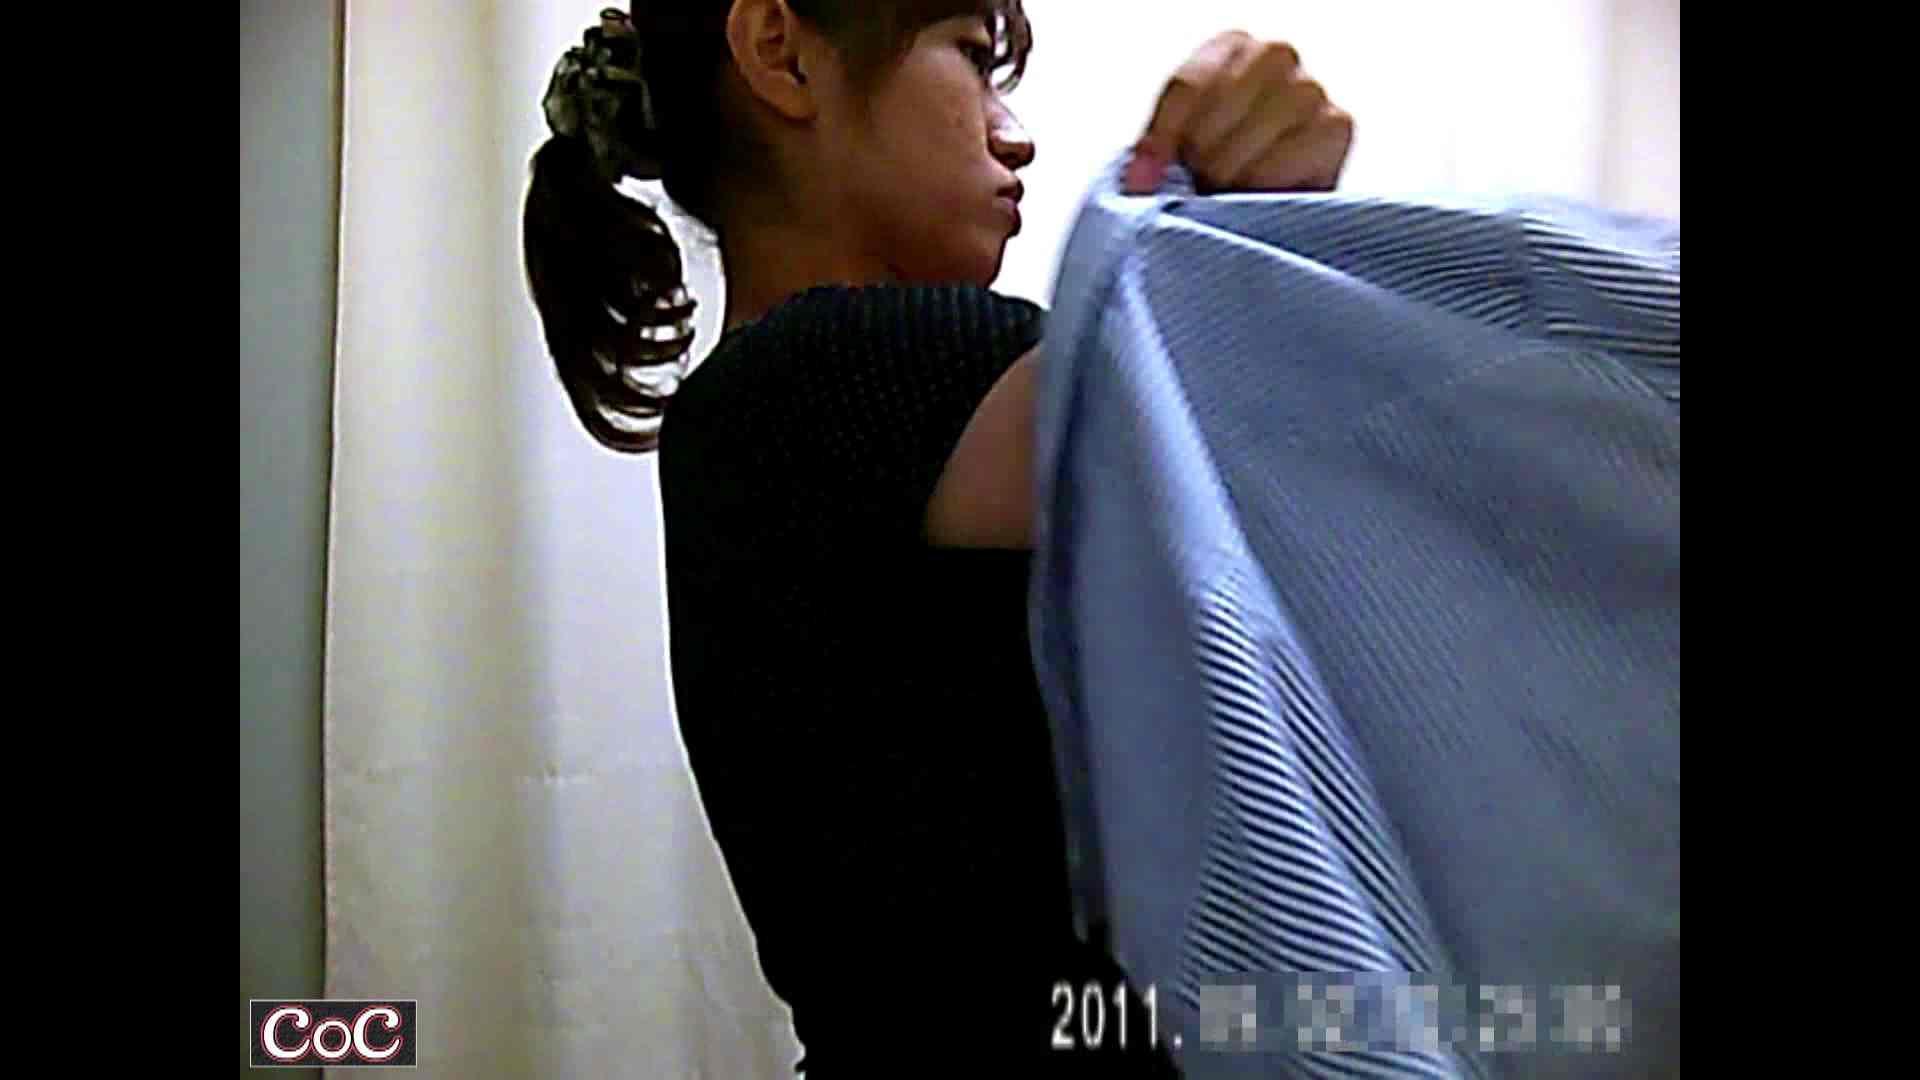 病院おもいっきり着替え! vol.19 乳首 のぞき濡れ場動画紹介 95pic 18